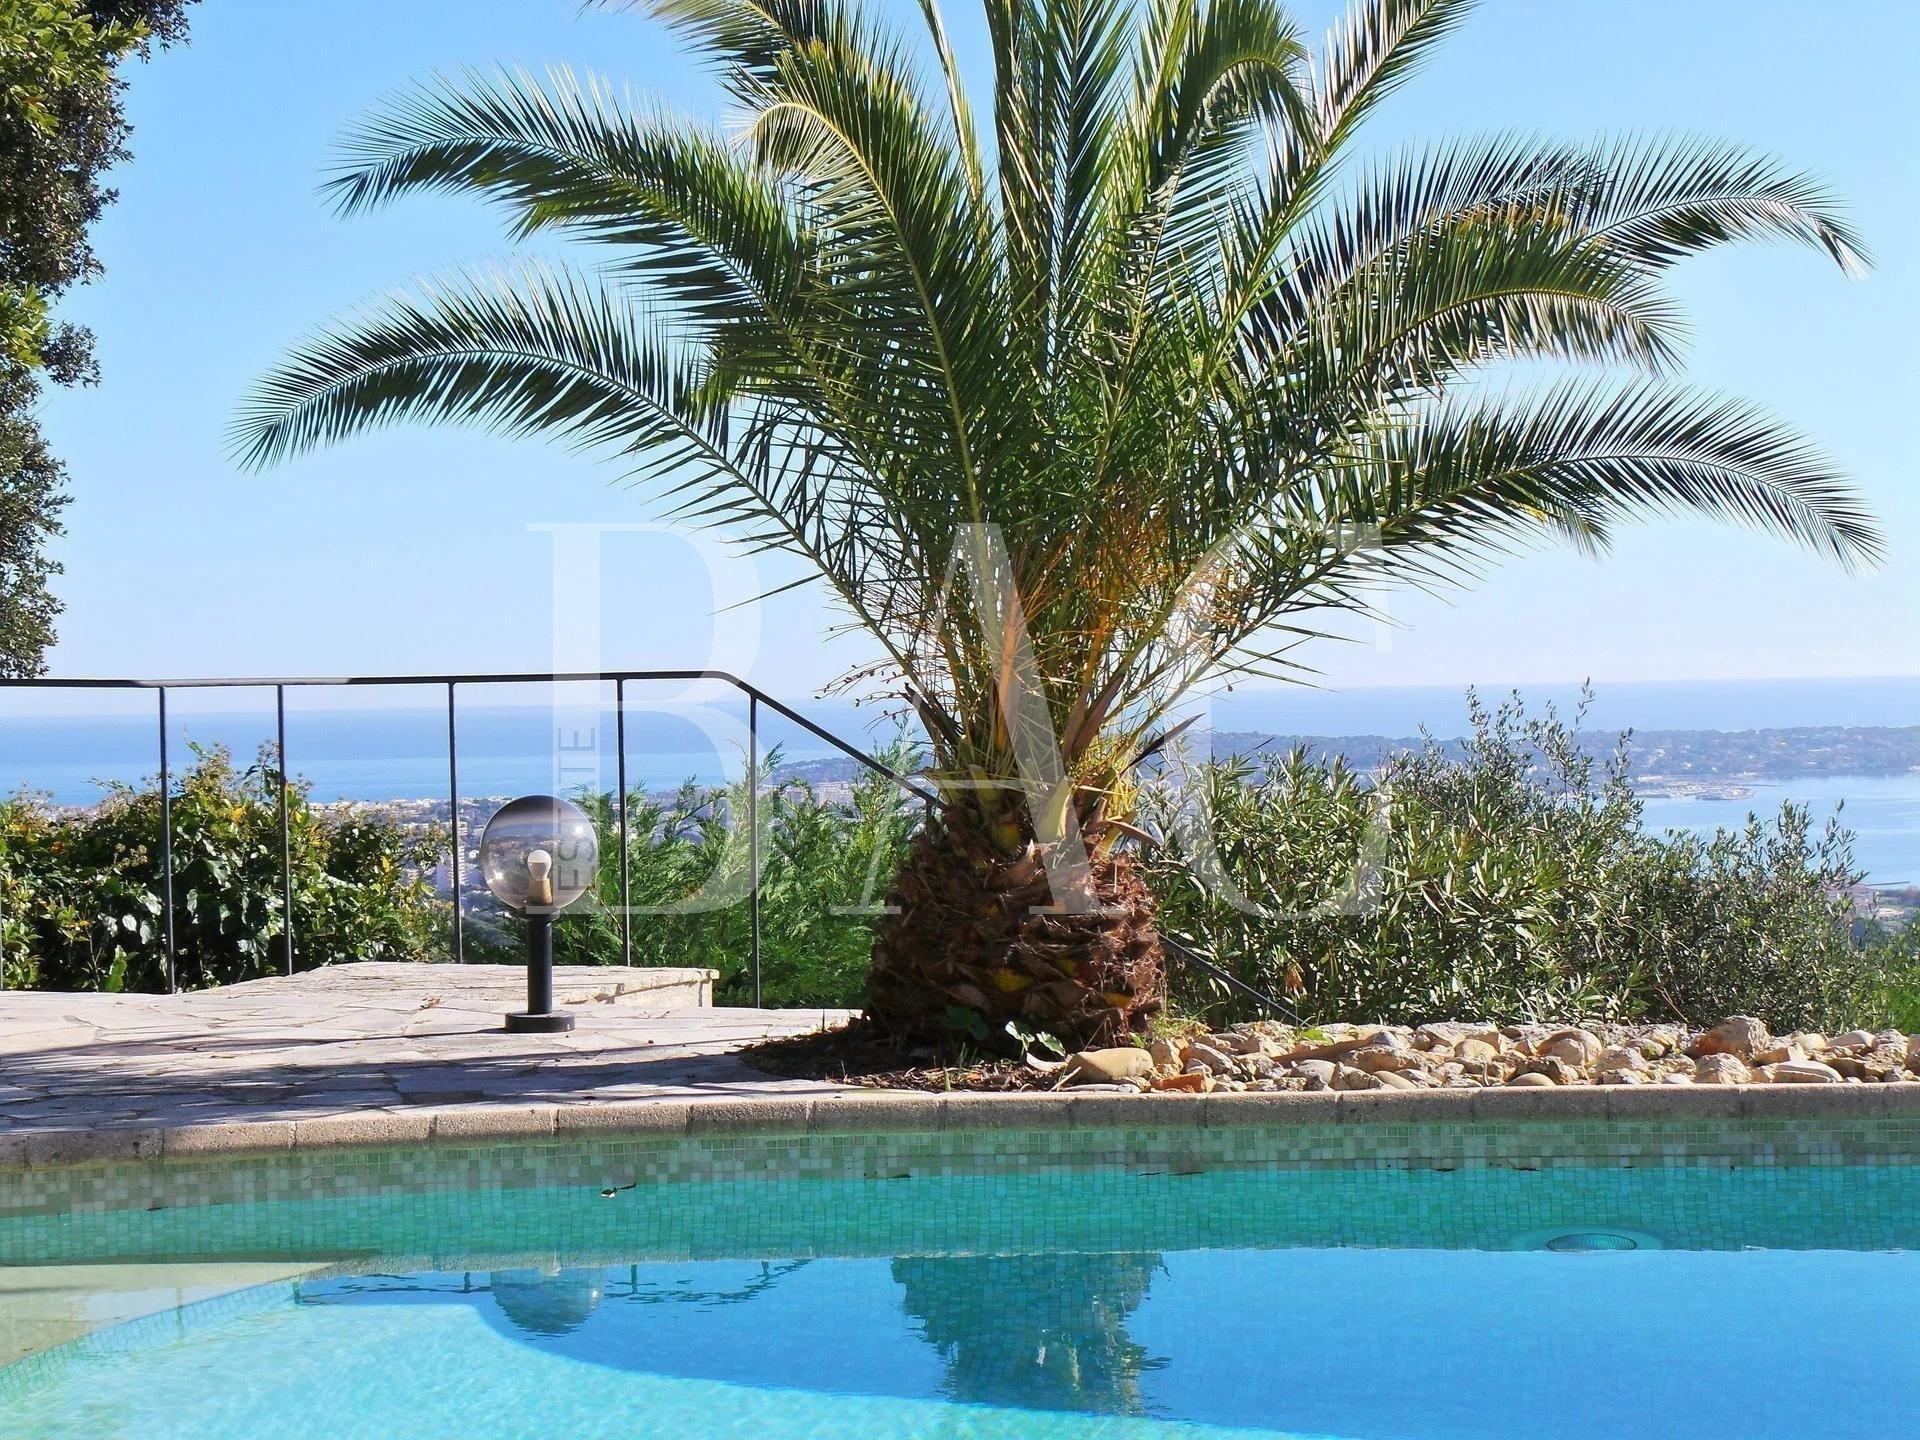 Провансальская вилла с панорамным видом на море в 15 минутах от центра Канн